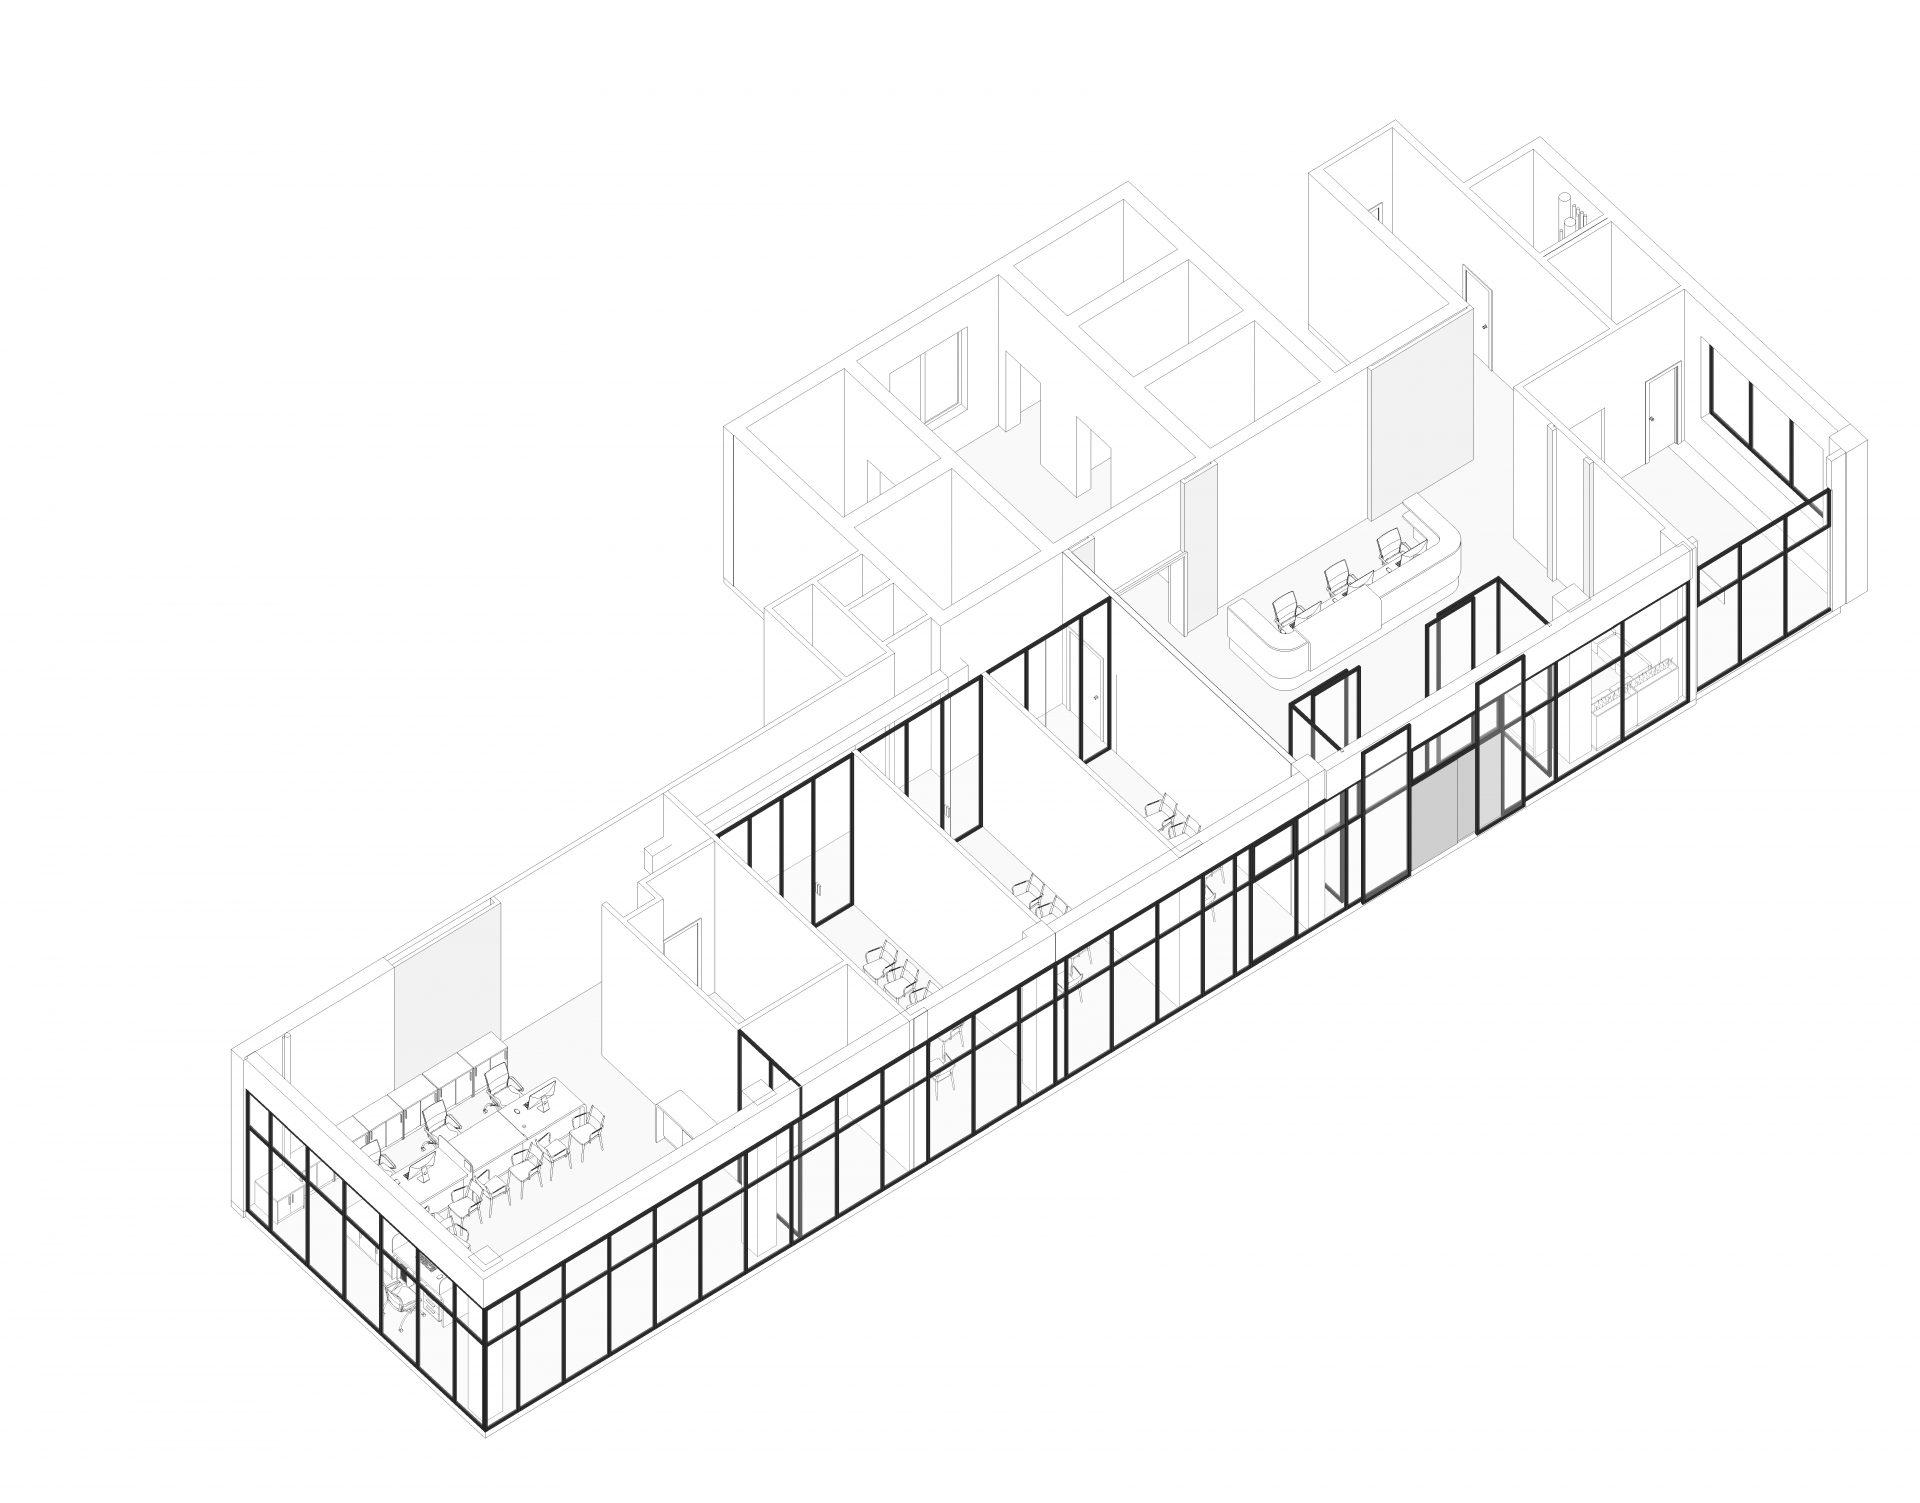 3д модель проекта интерьера банка